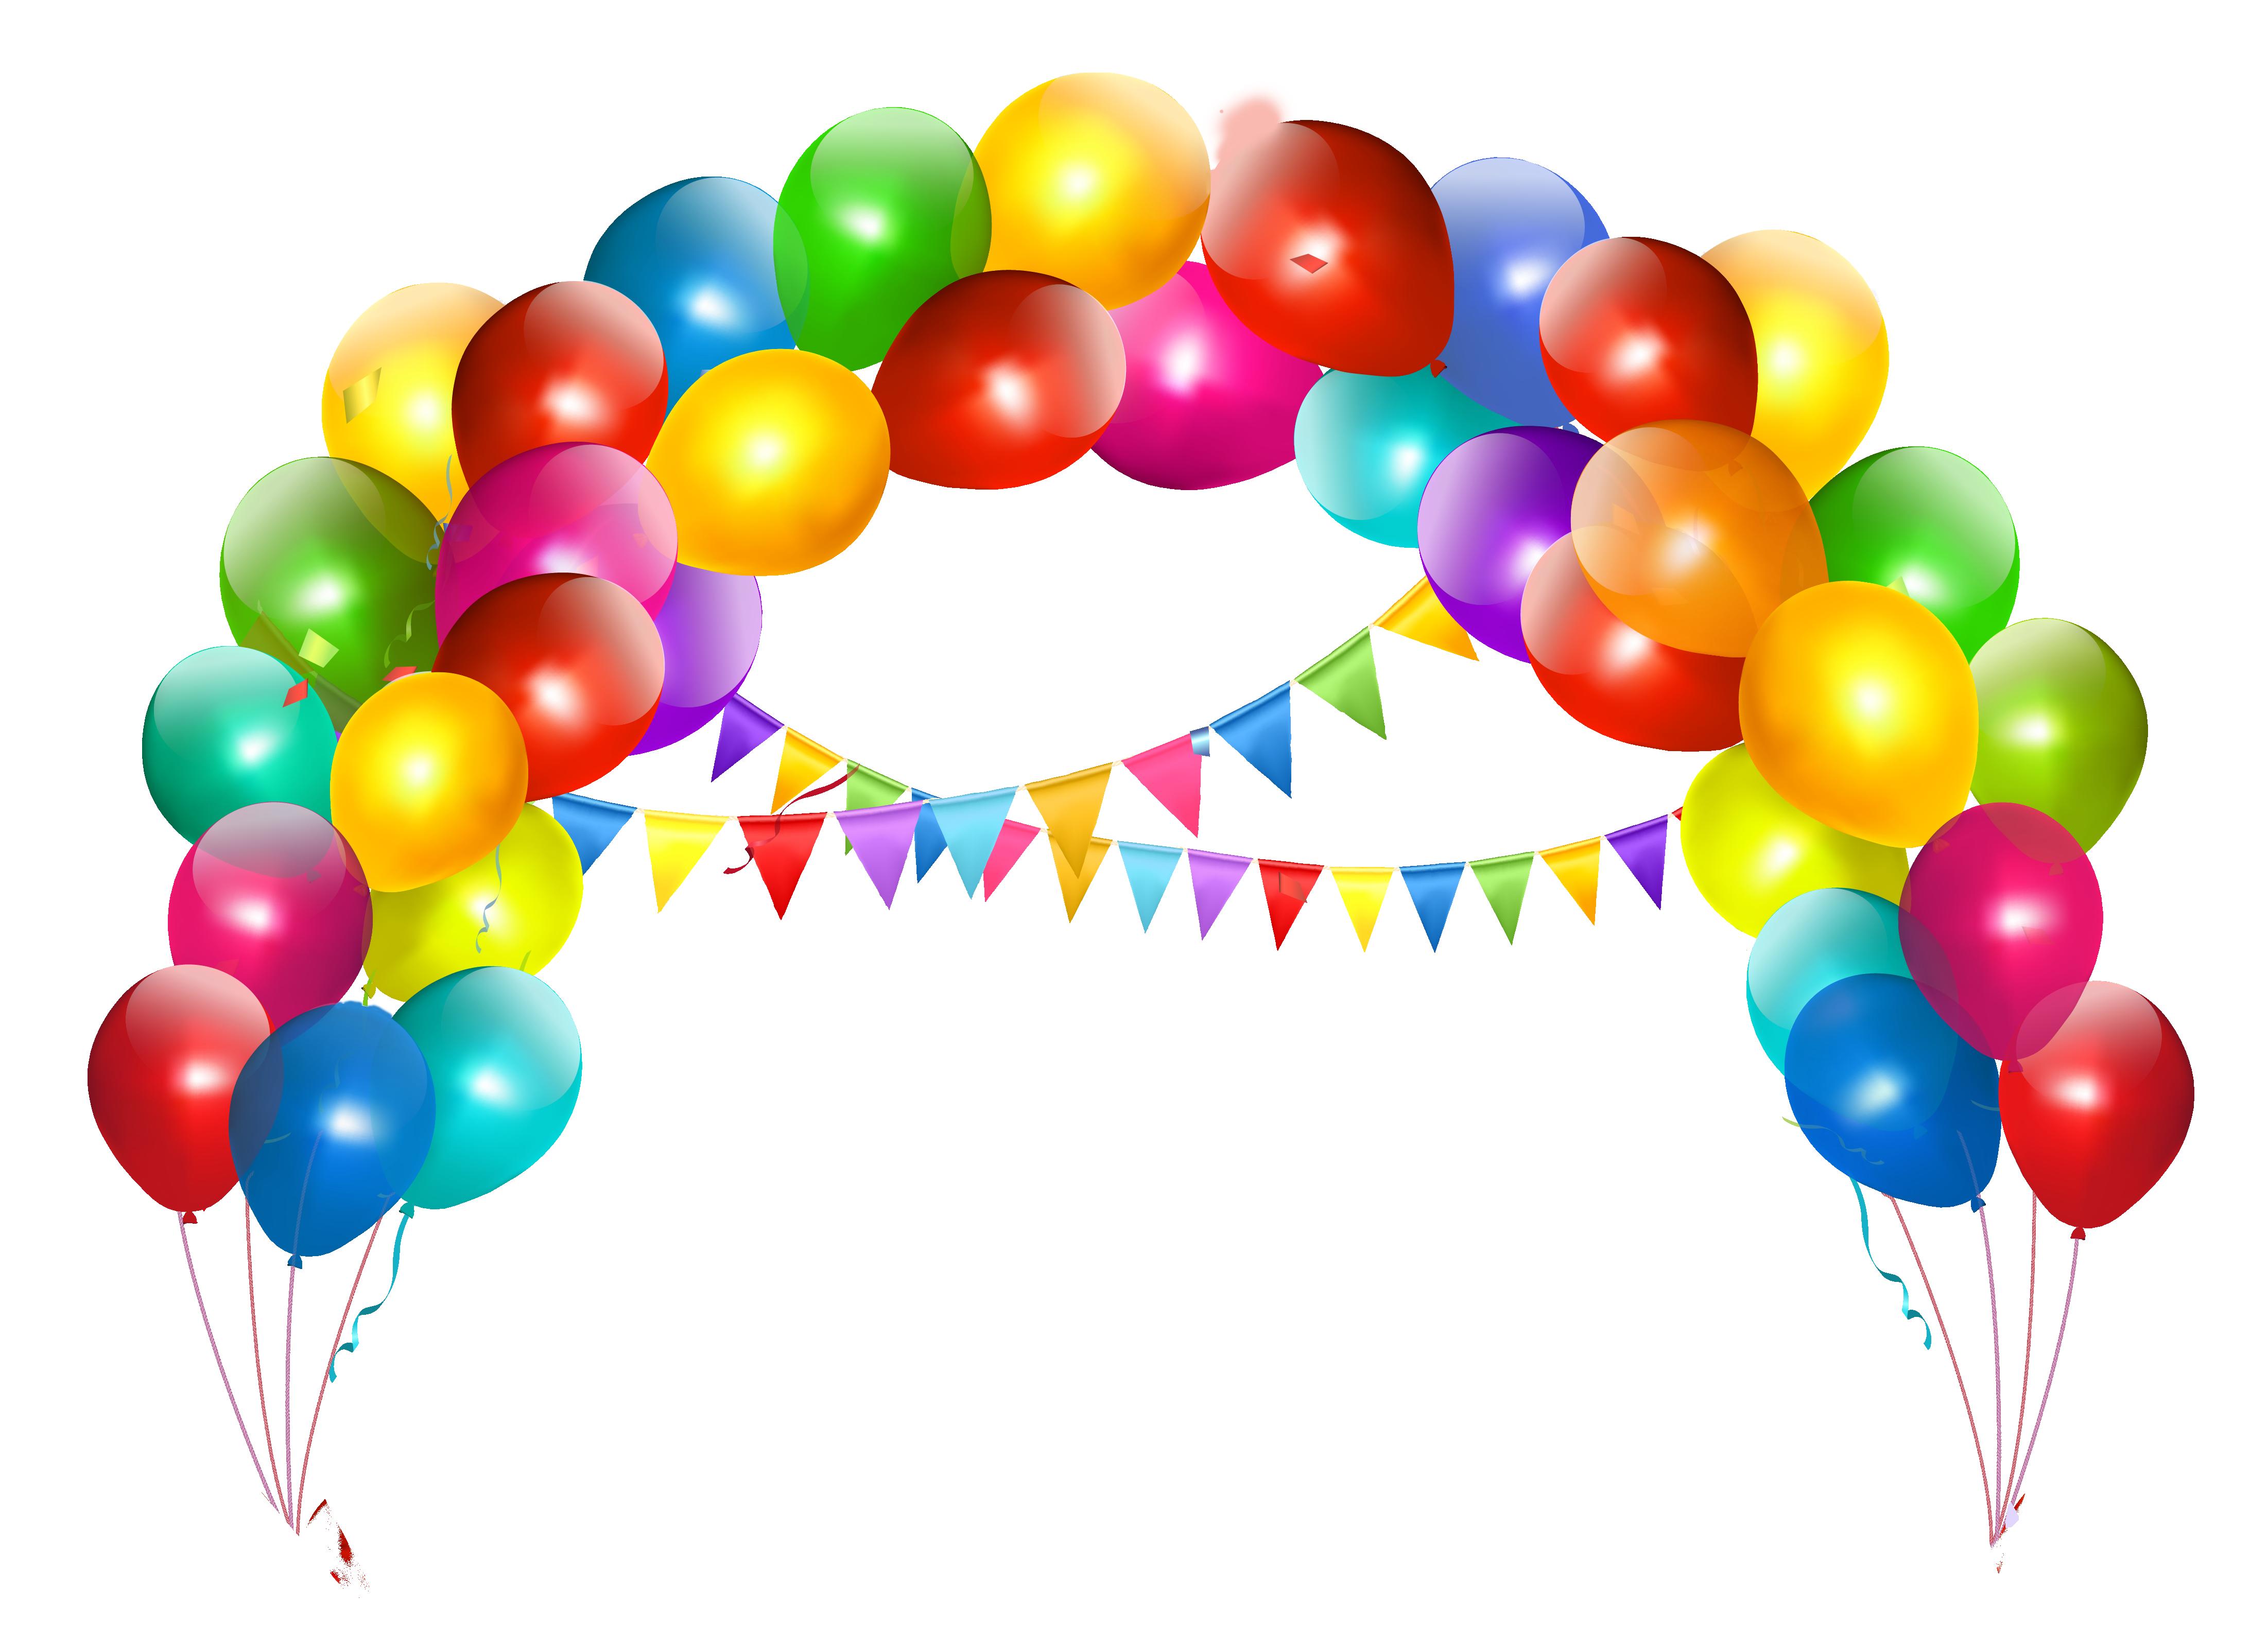 Free Balloons Clip Art. Balloon-Free Balloons Clip Art. Balloon-13